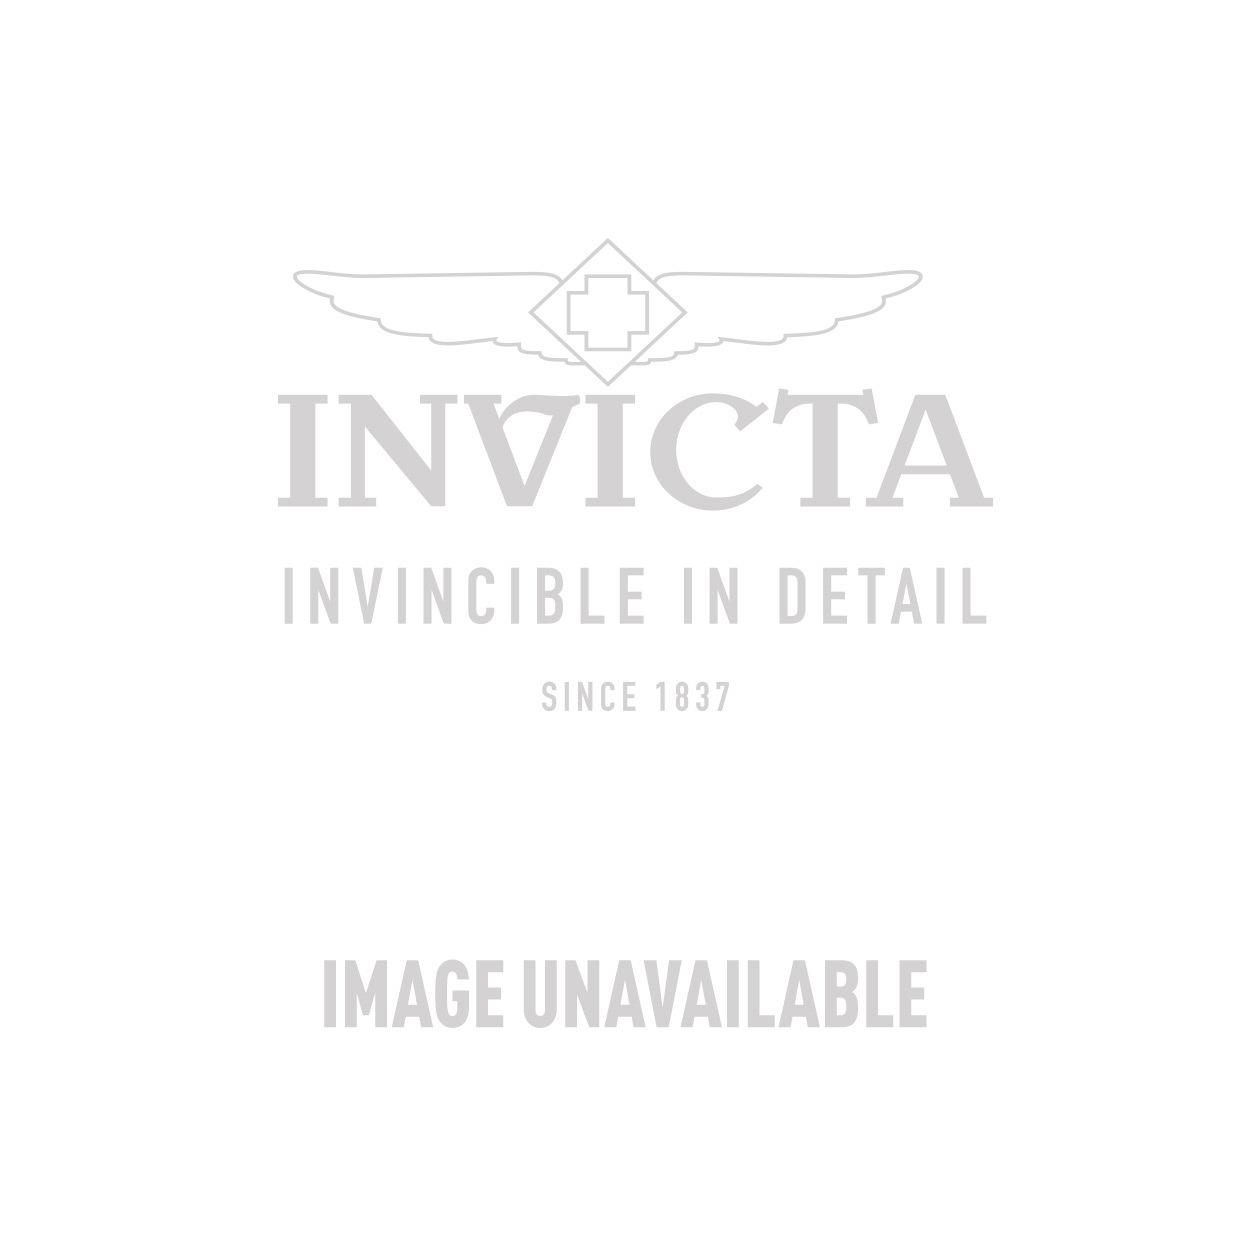 Invicta Model 29143